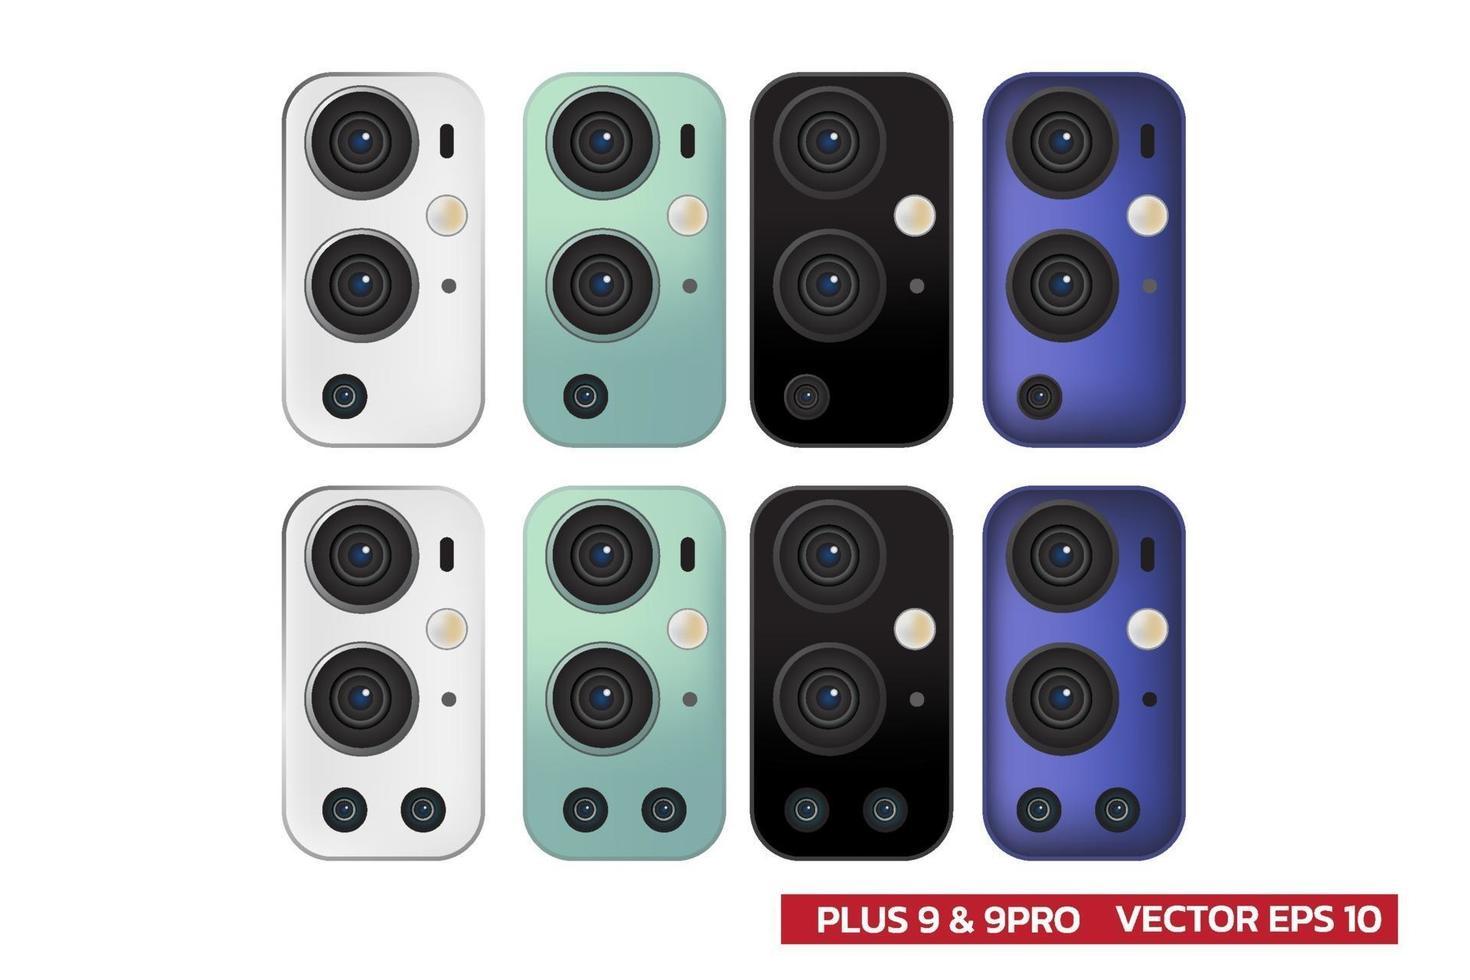 drievoudige lens en vier lenzen van cameramodel in verschillende kleur, zwart wit groenblauw, realistische vectorillustratie. vector